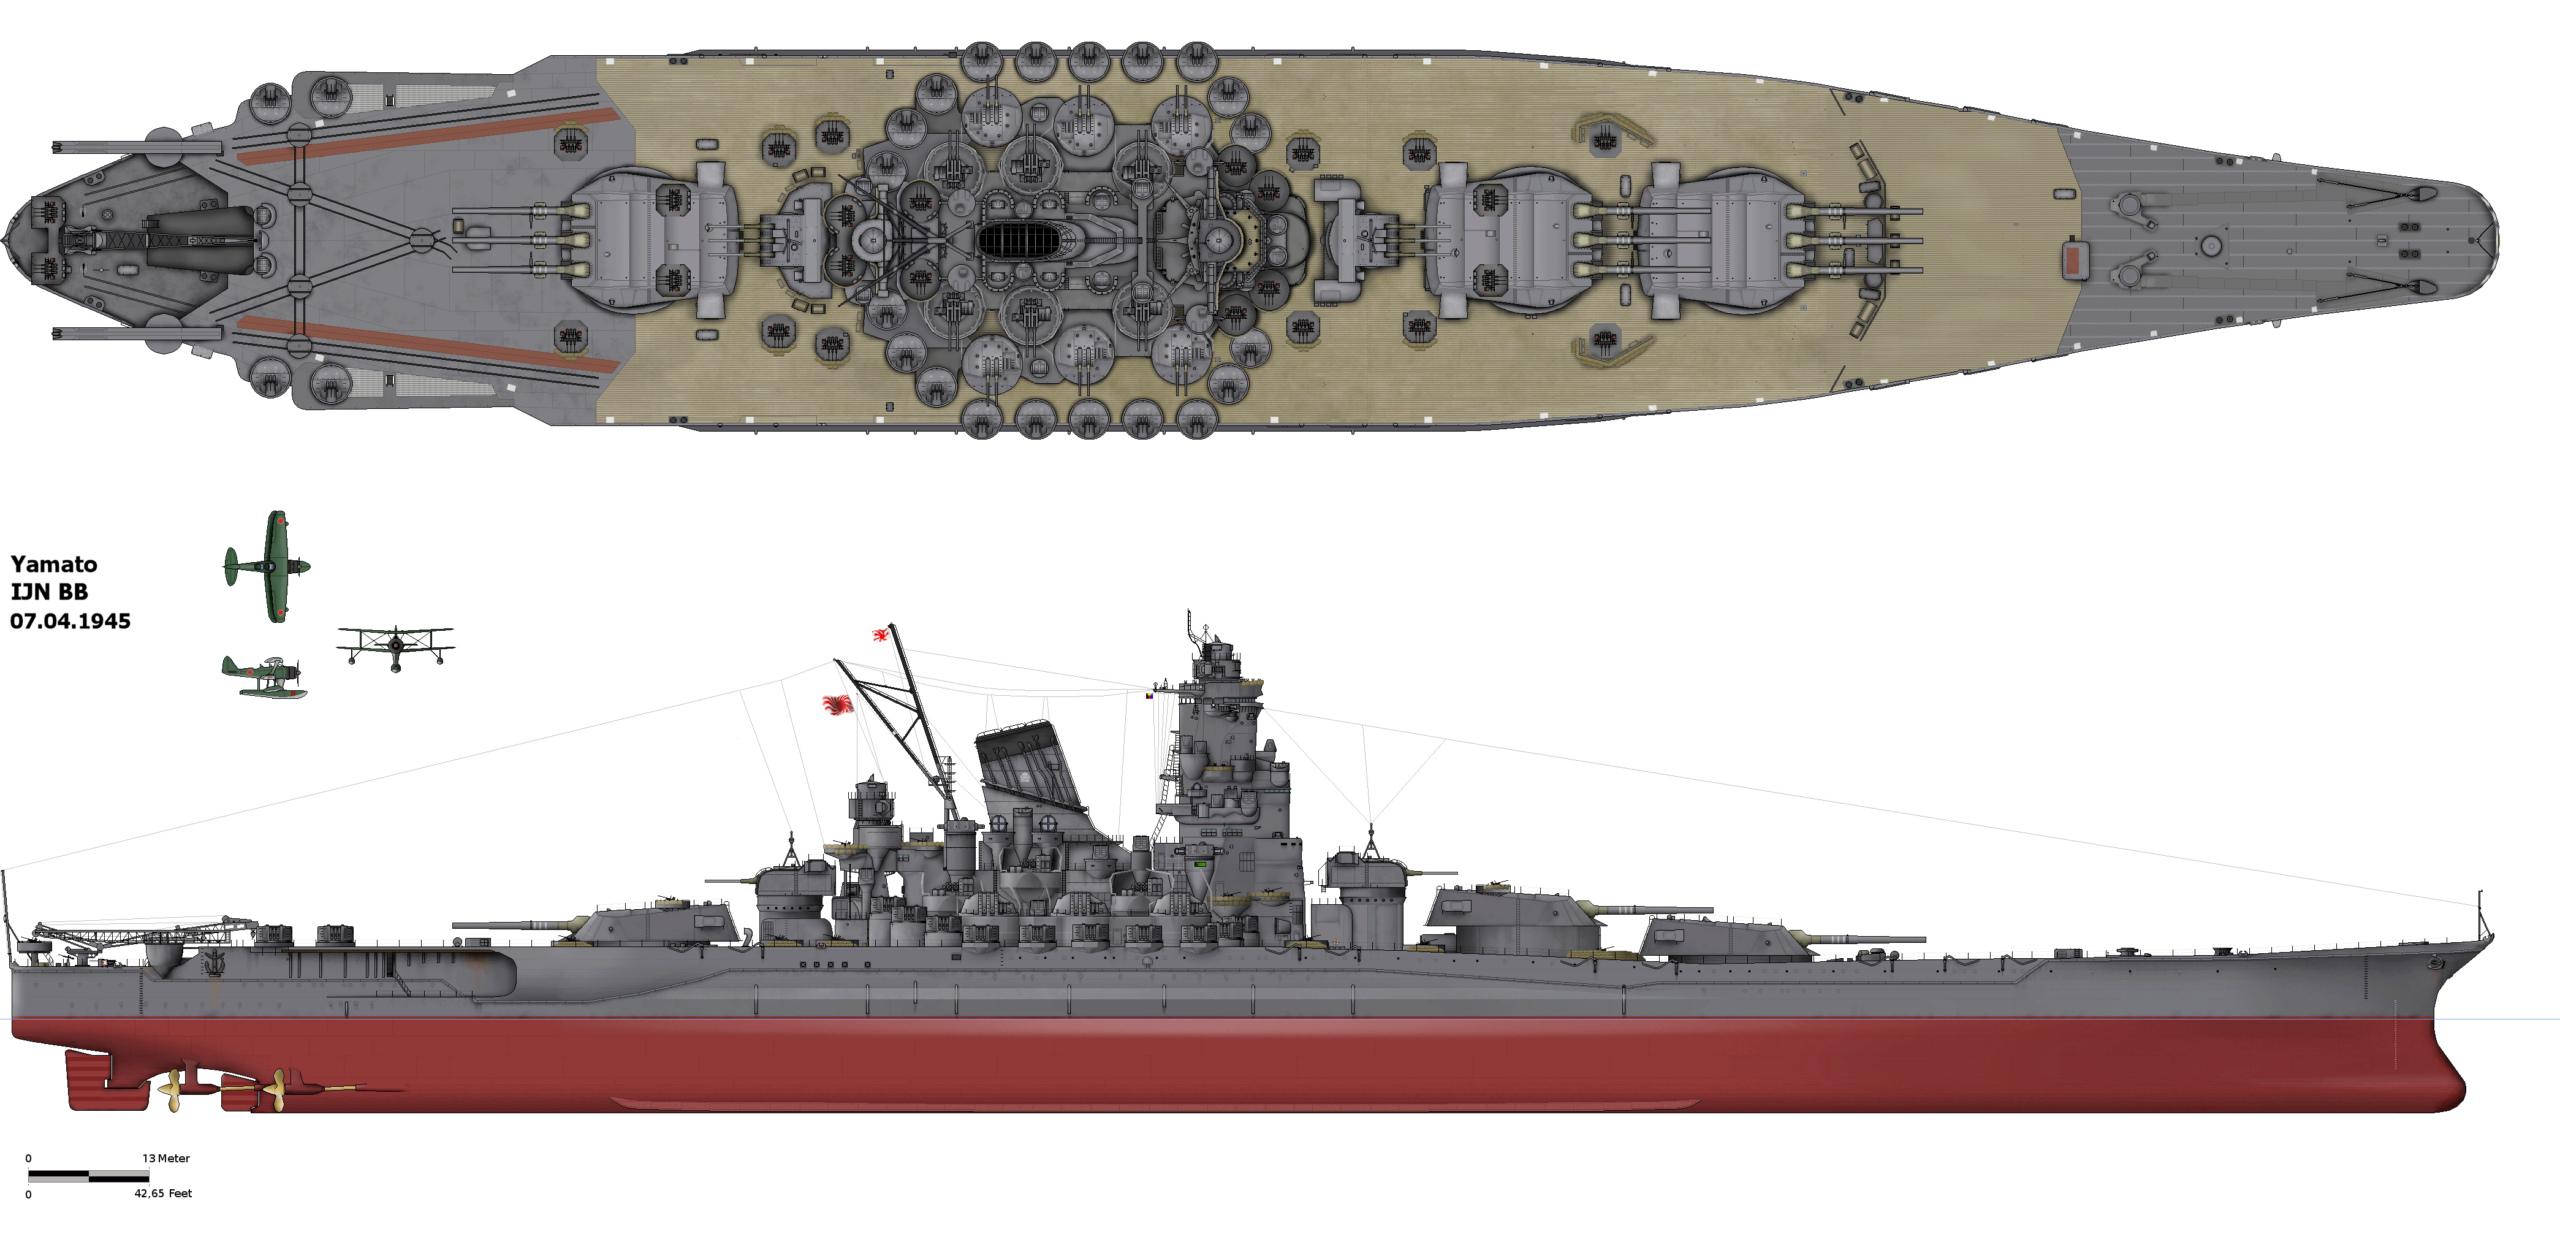 [Uchronie] IJN Yamato 1955 (Nichimo, Fujimi et scratch 1/200°) par habikitokay - Page 3 Yamato10